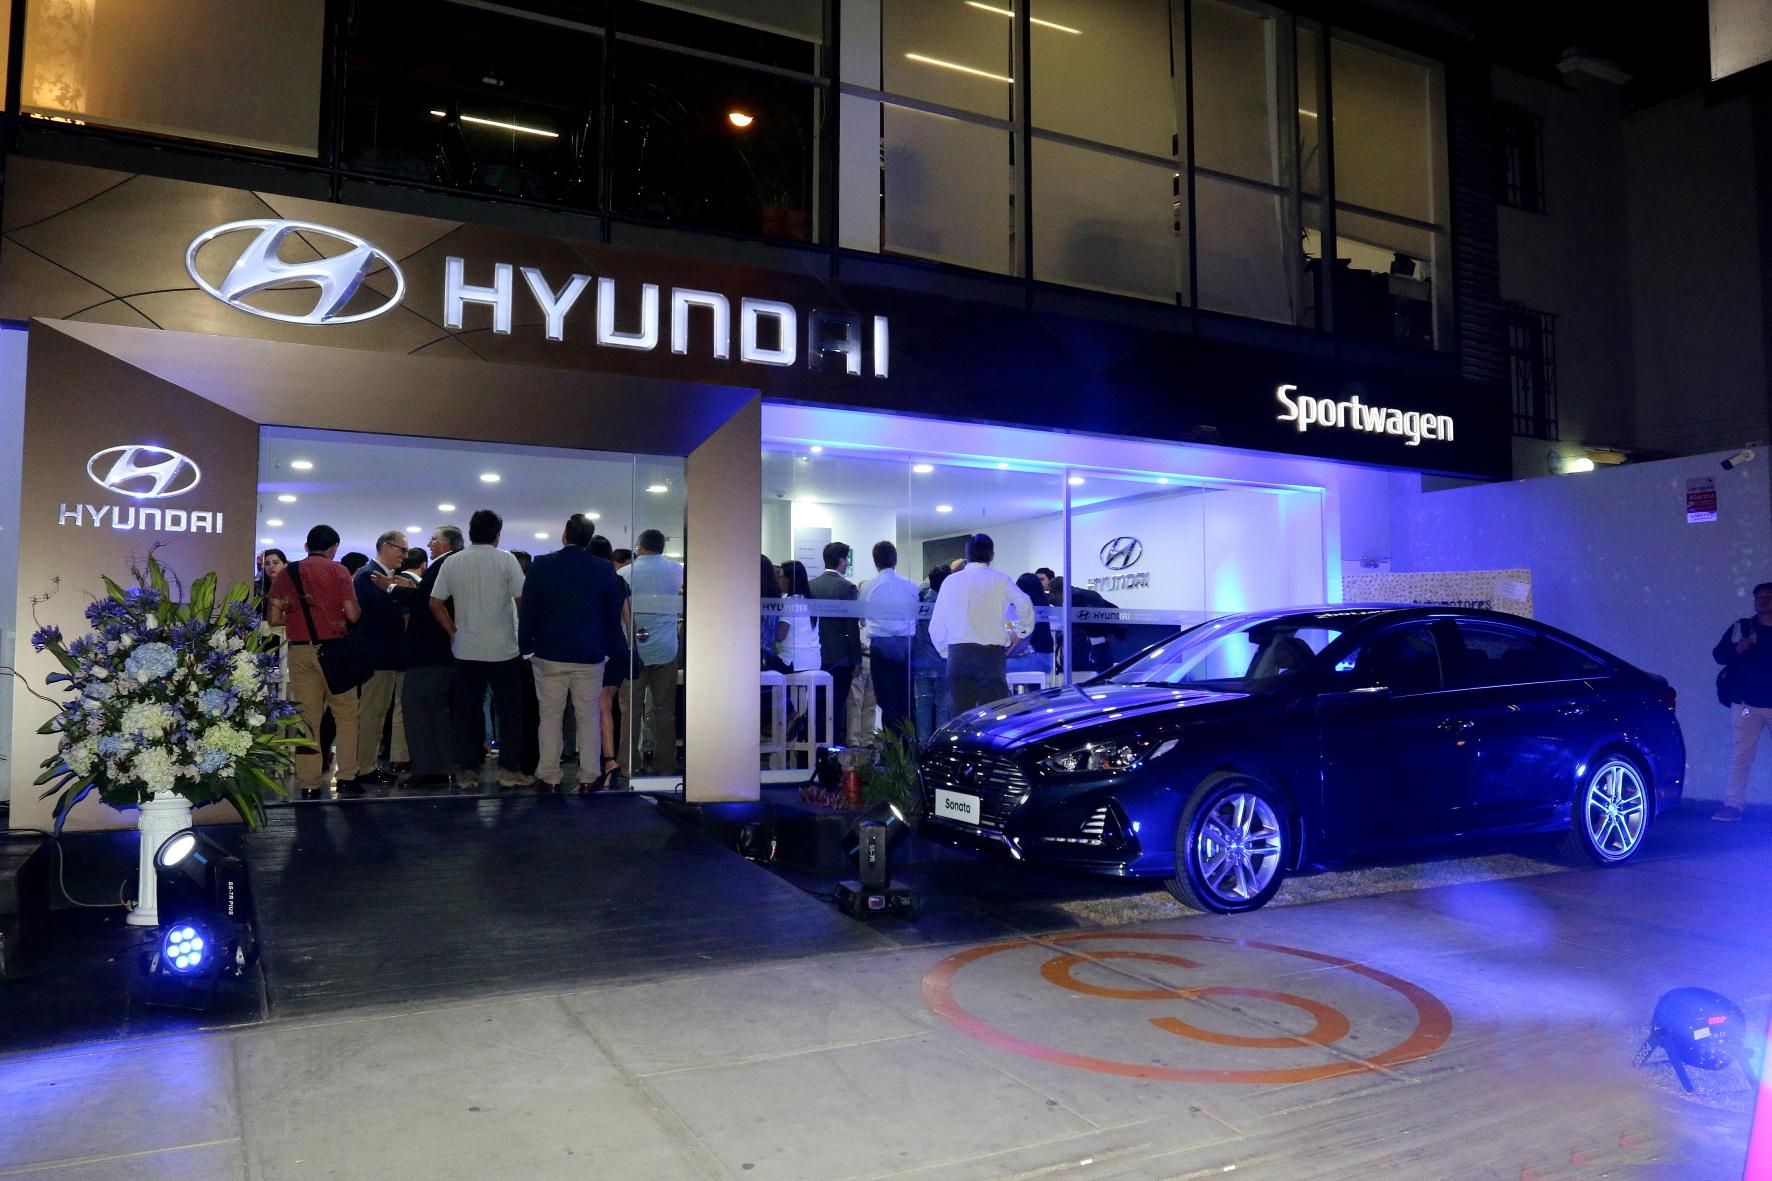 Hyundai Sportwagen - Hyundai invierte US$200 mil para abrir su primera tienda boutique en Perú